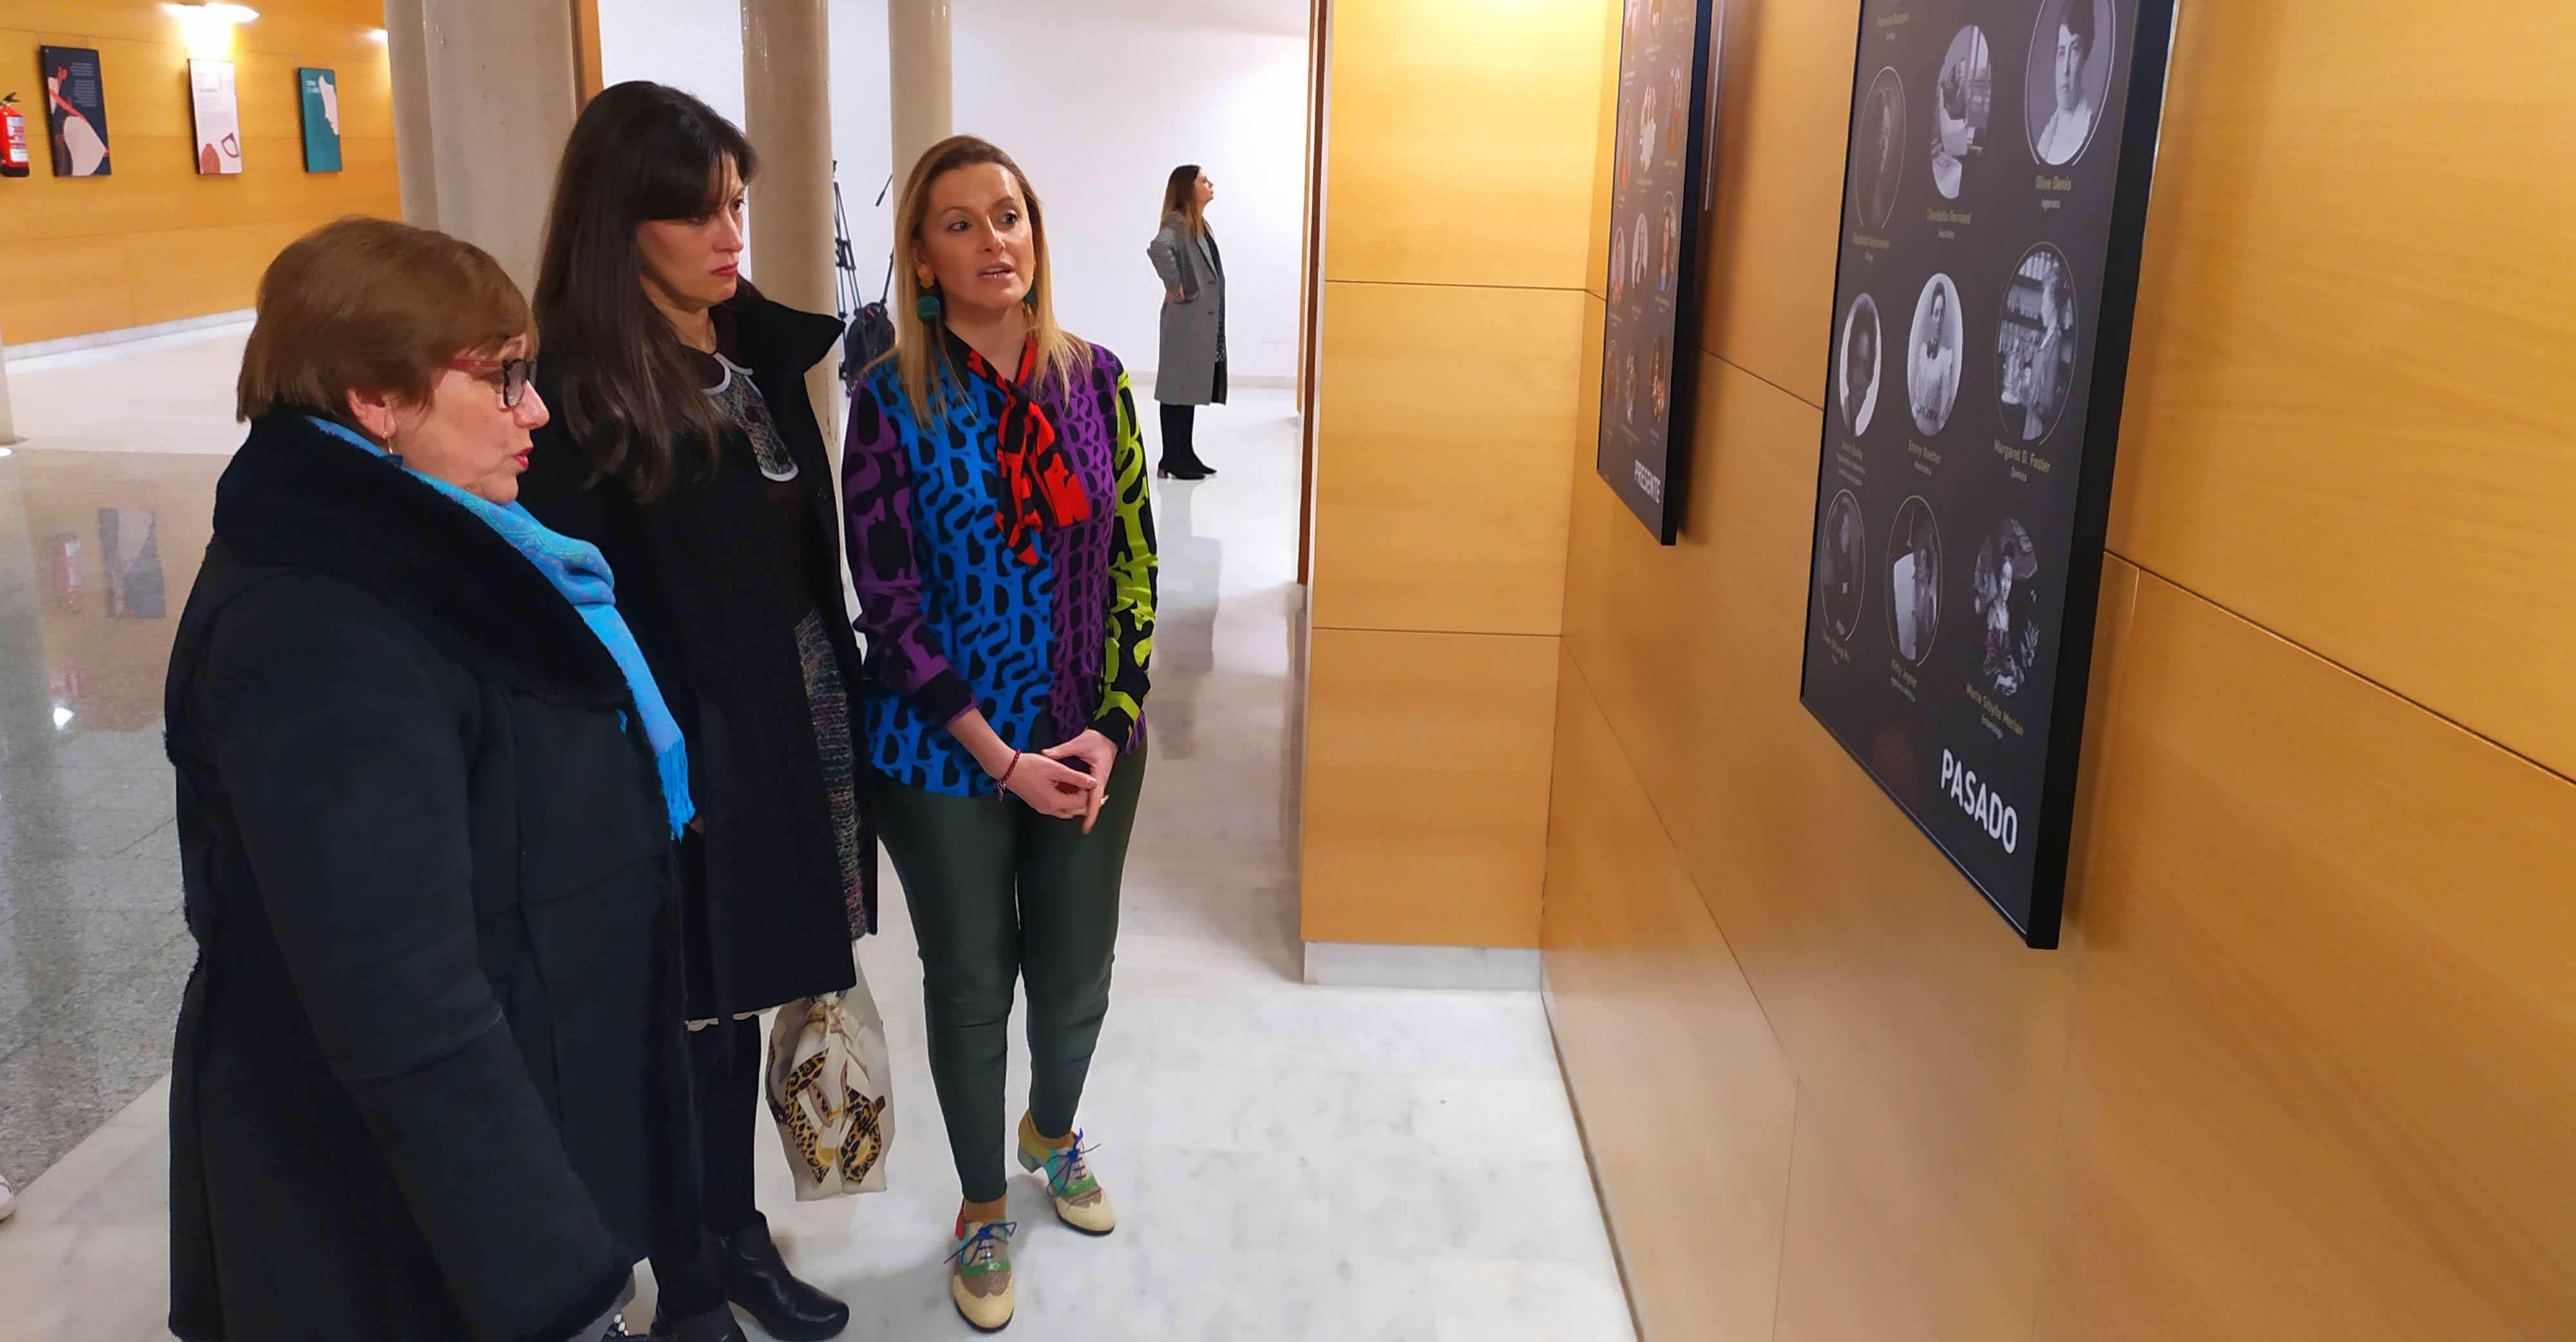 Las chicas en la ciencia y la tecnología, protagonistas de una exposición en La Confianza